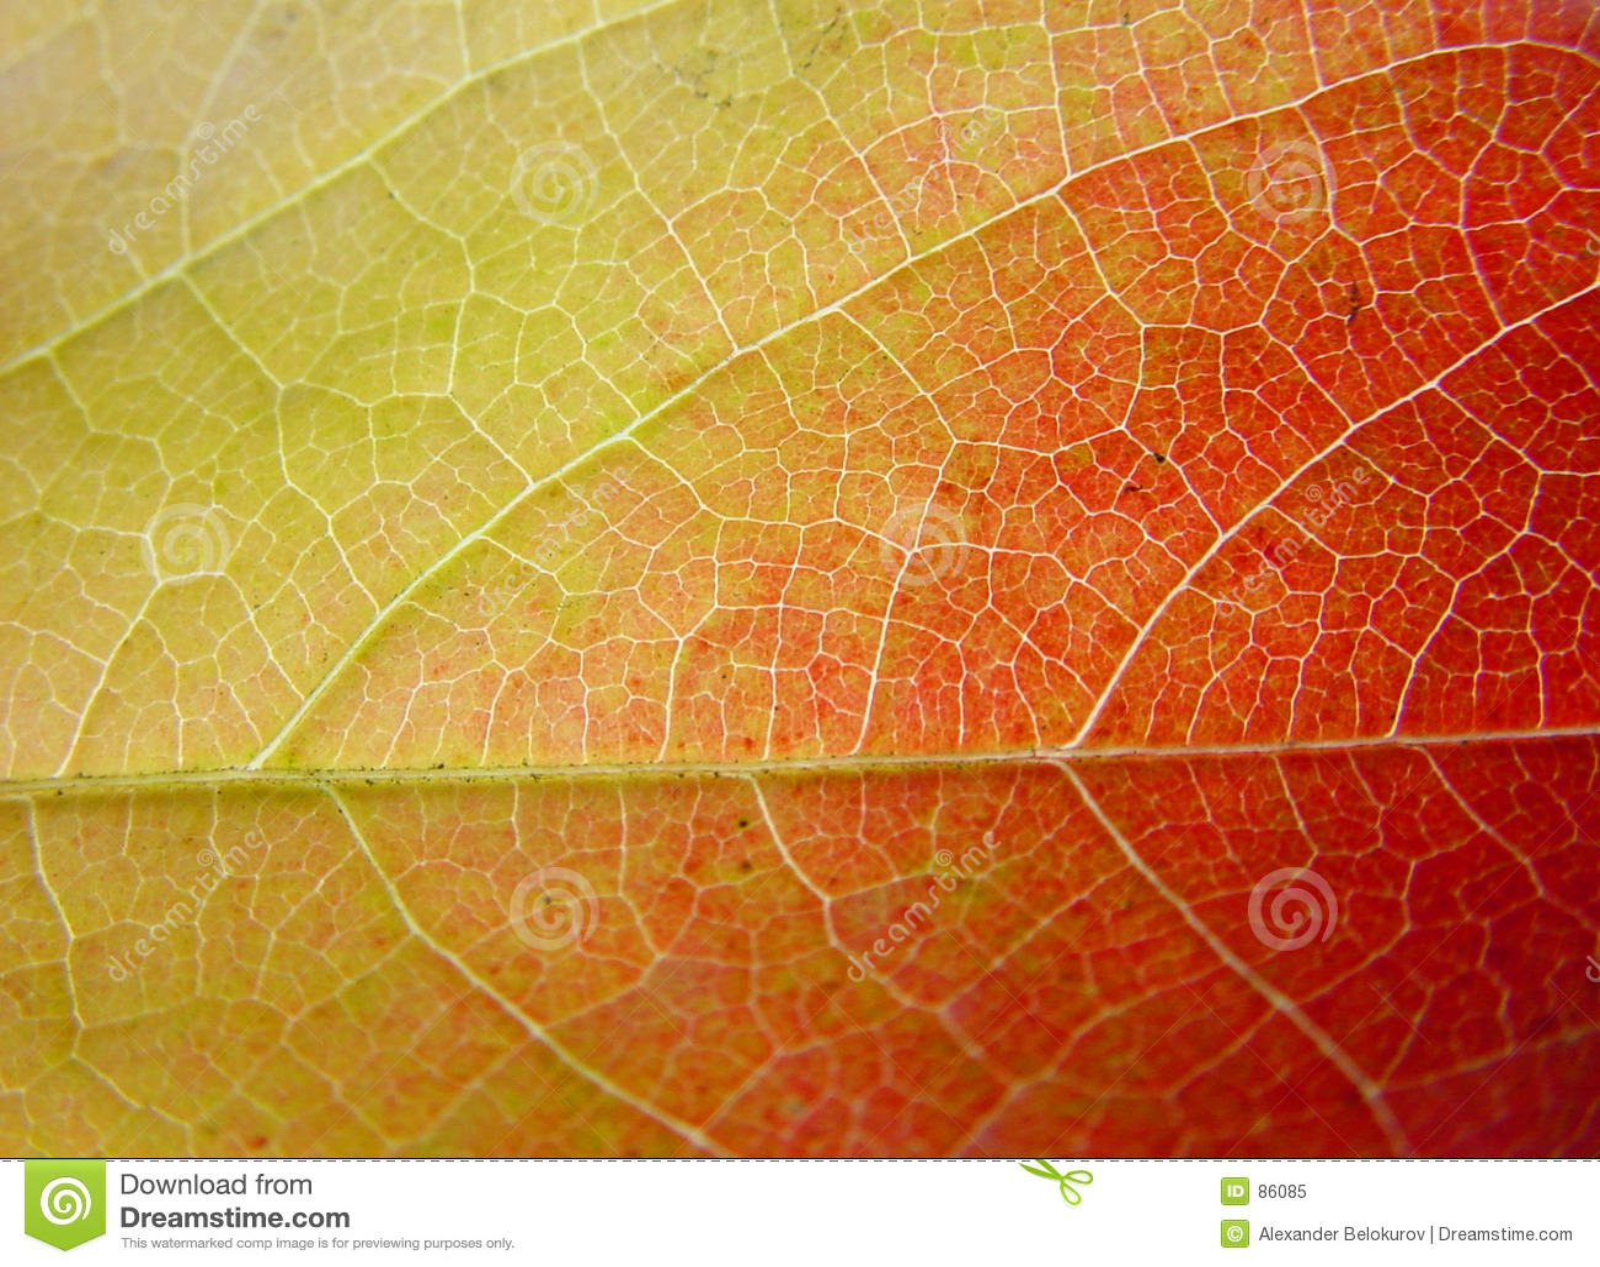 Lame de fond en le vert, le jaune et le rouge